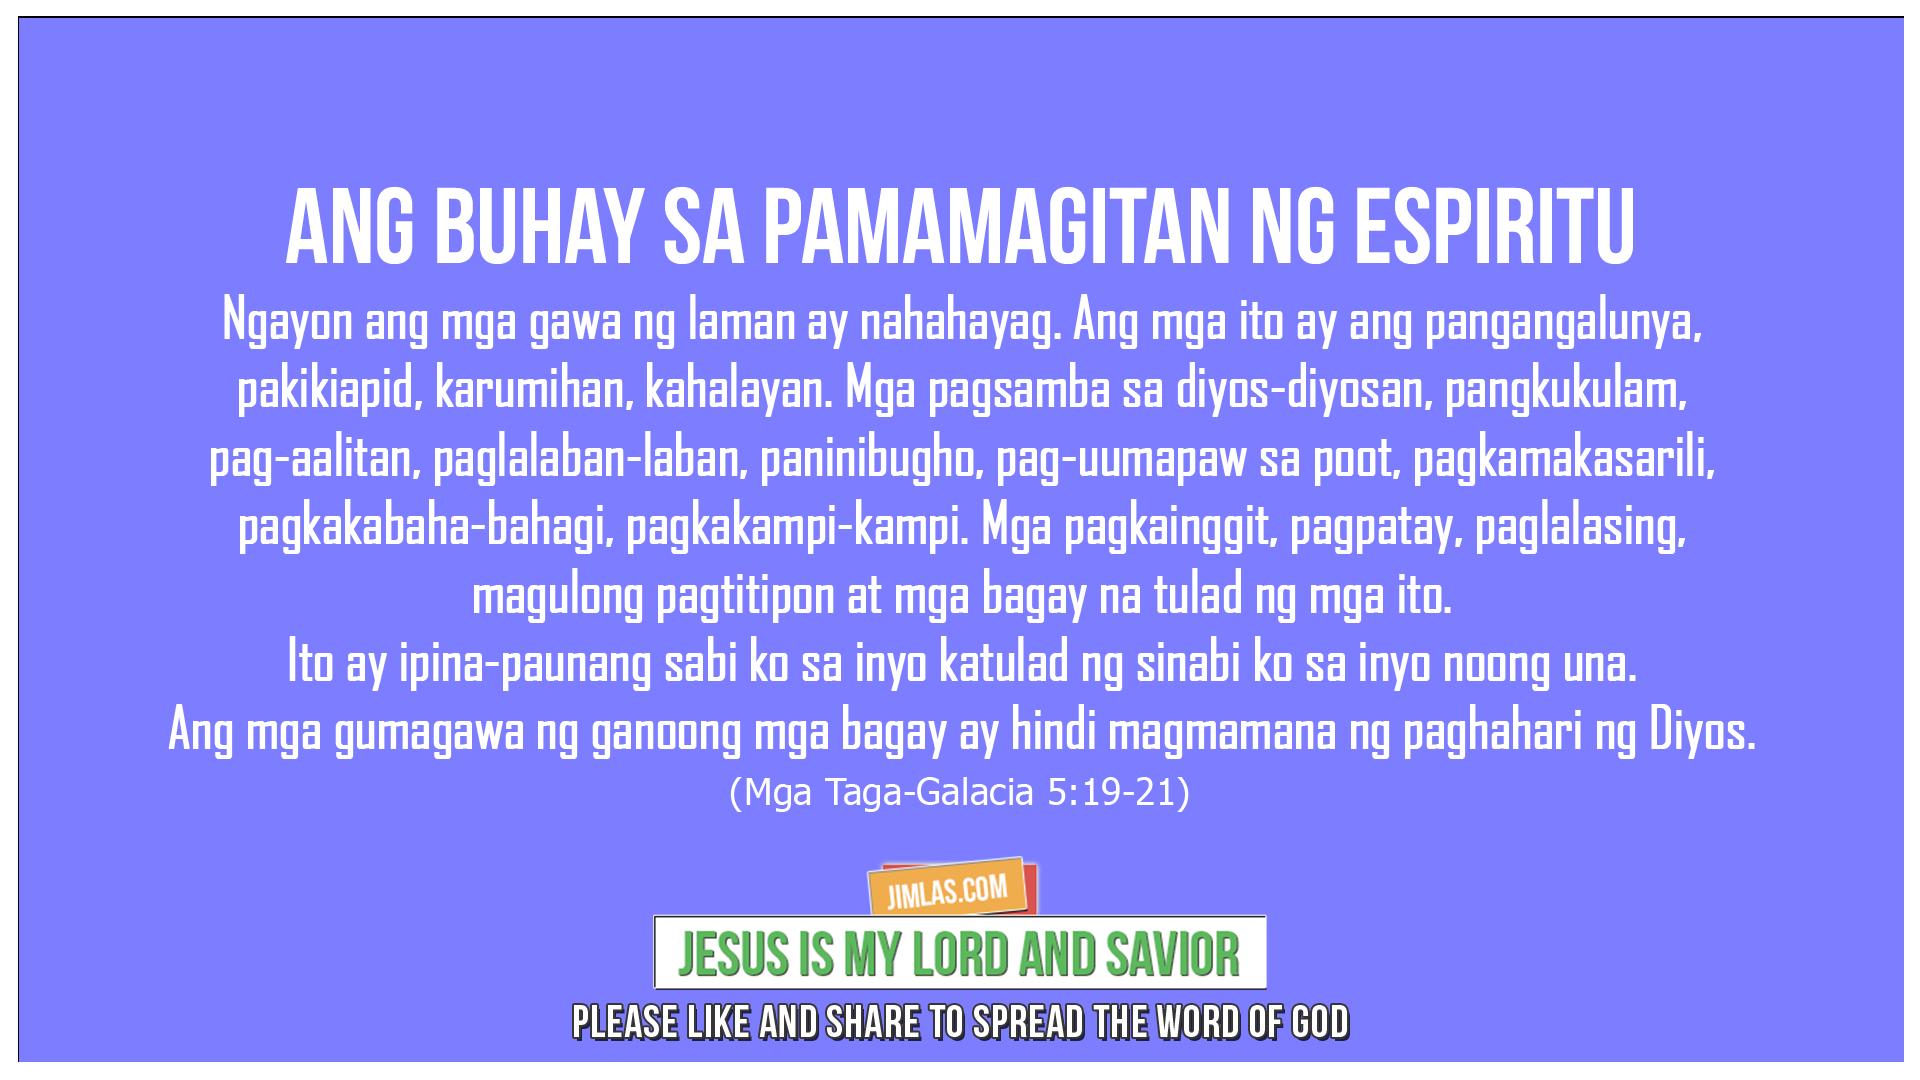 Mga Taga-Galacia 5:19-21, Mga Taga-Galacia 5:19-21